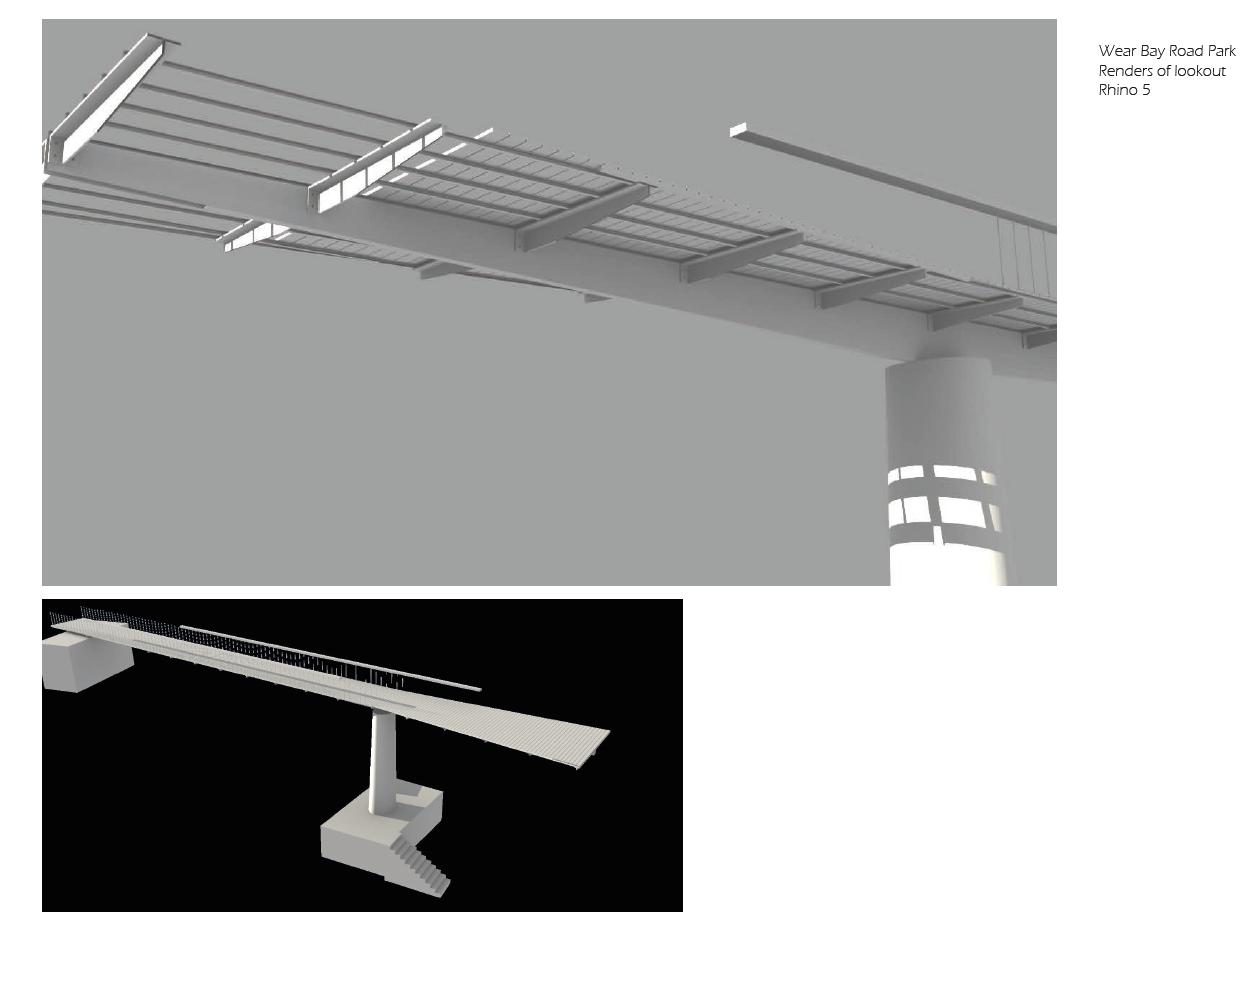 CAD renders of lookout